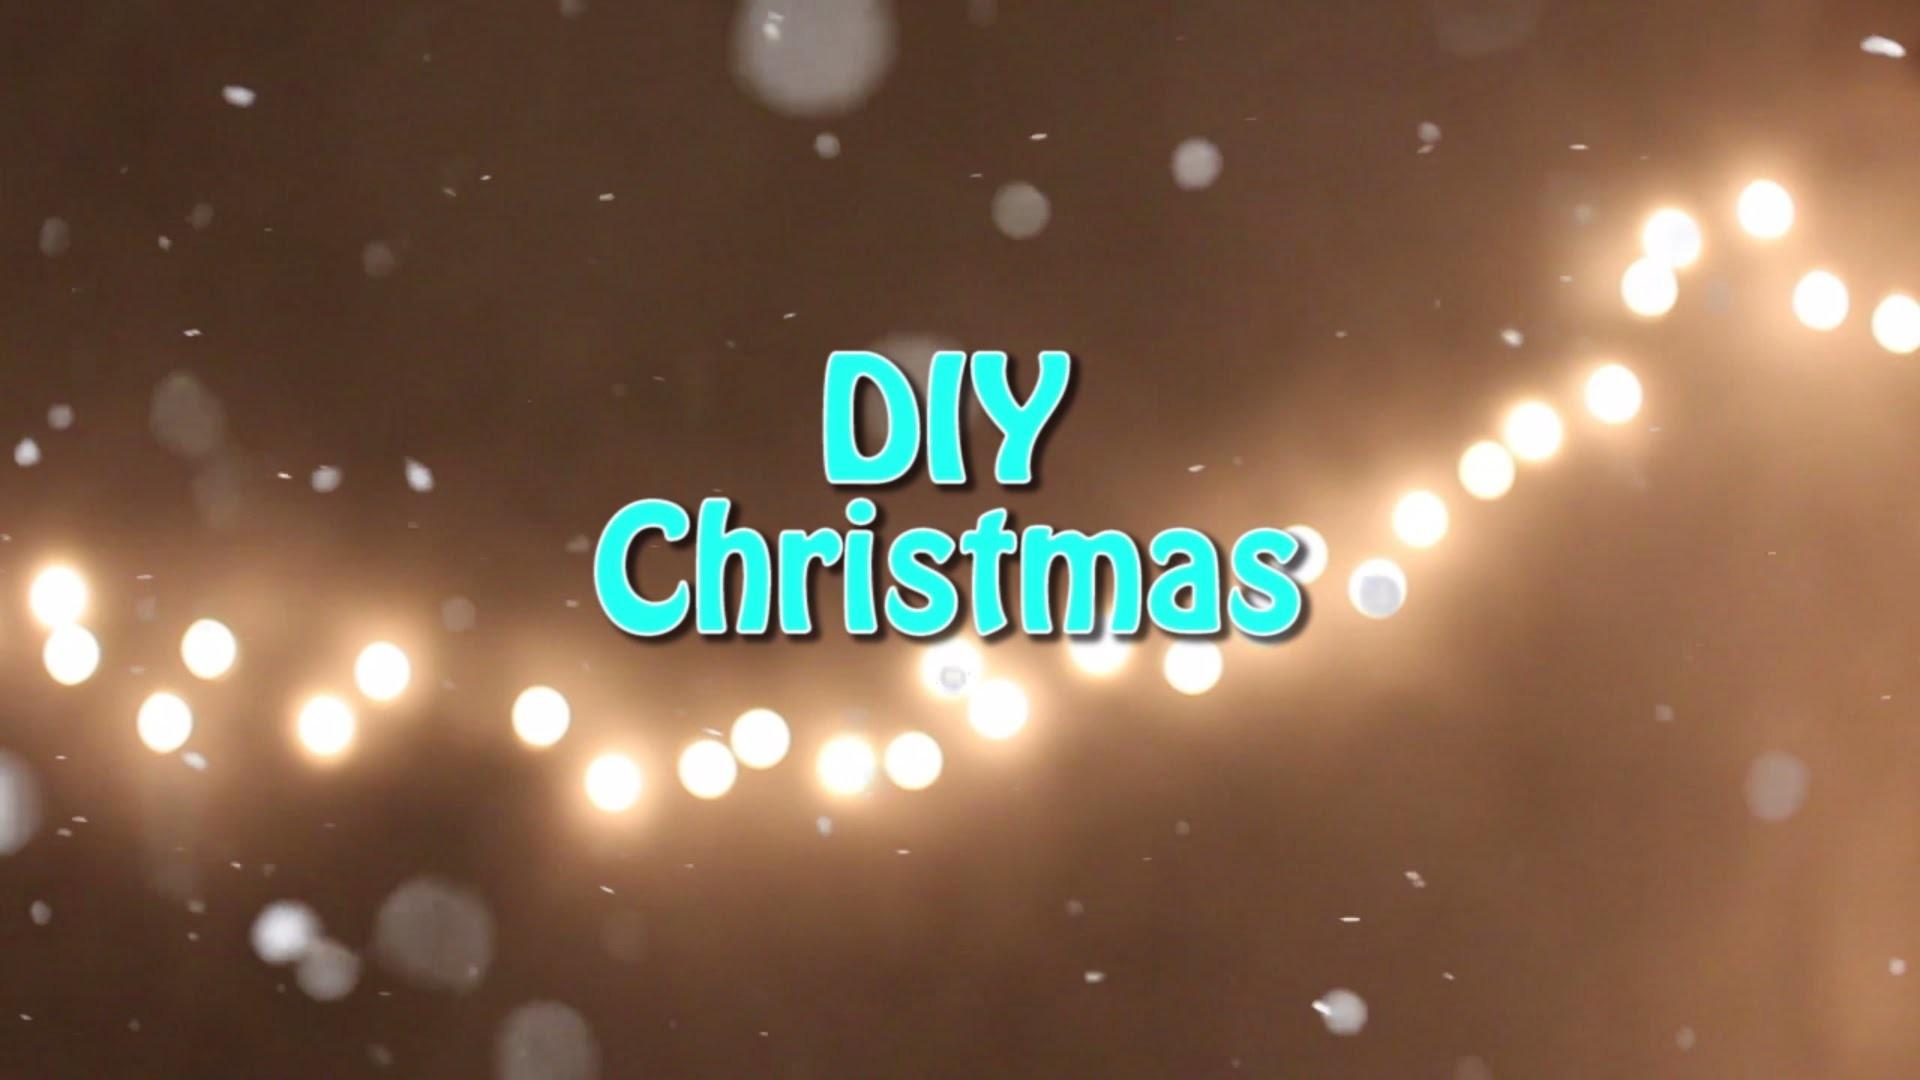 DIY Christmas #1